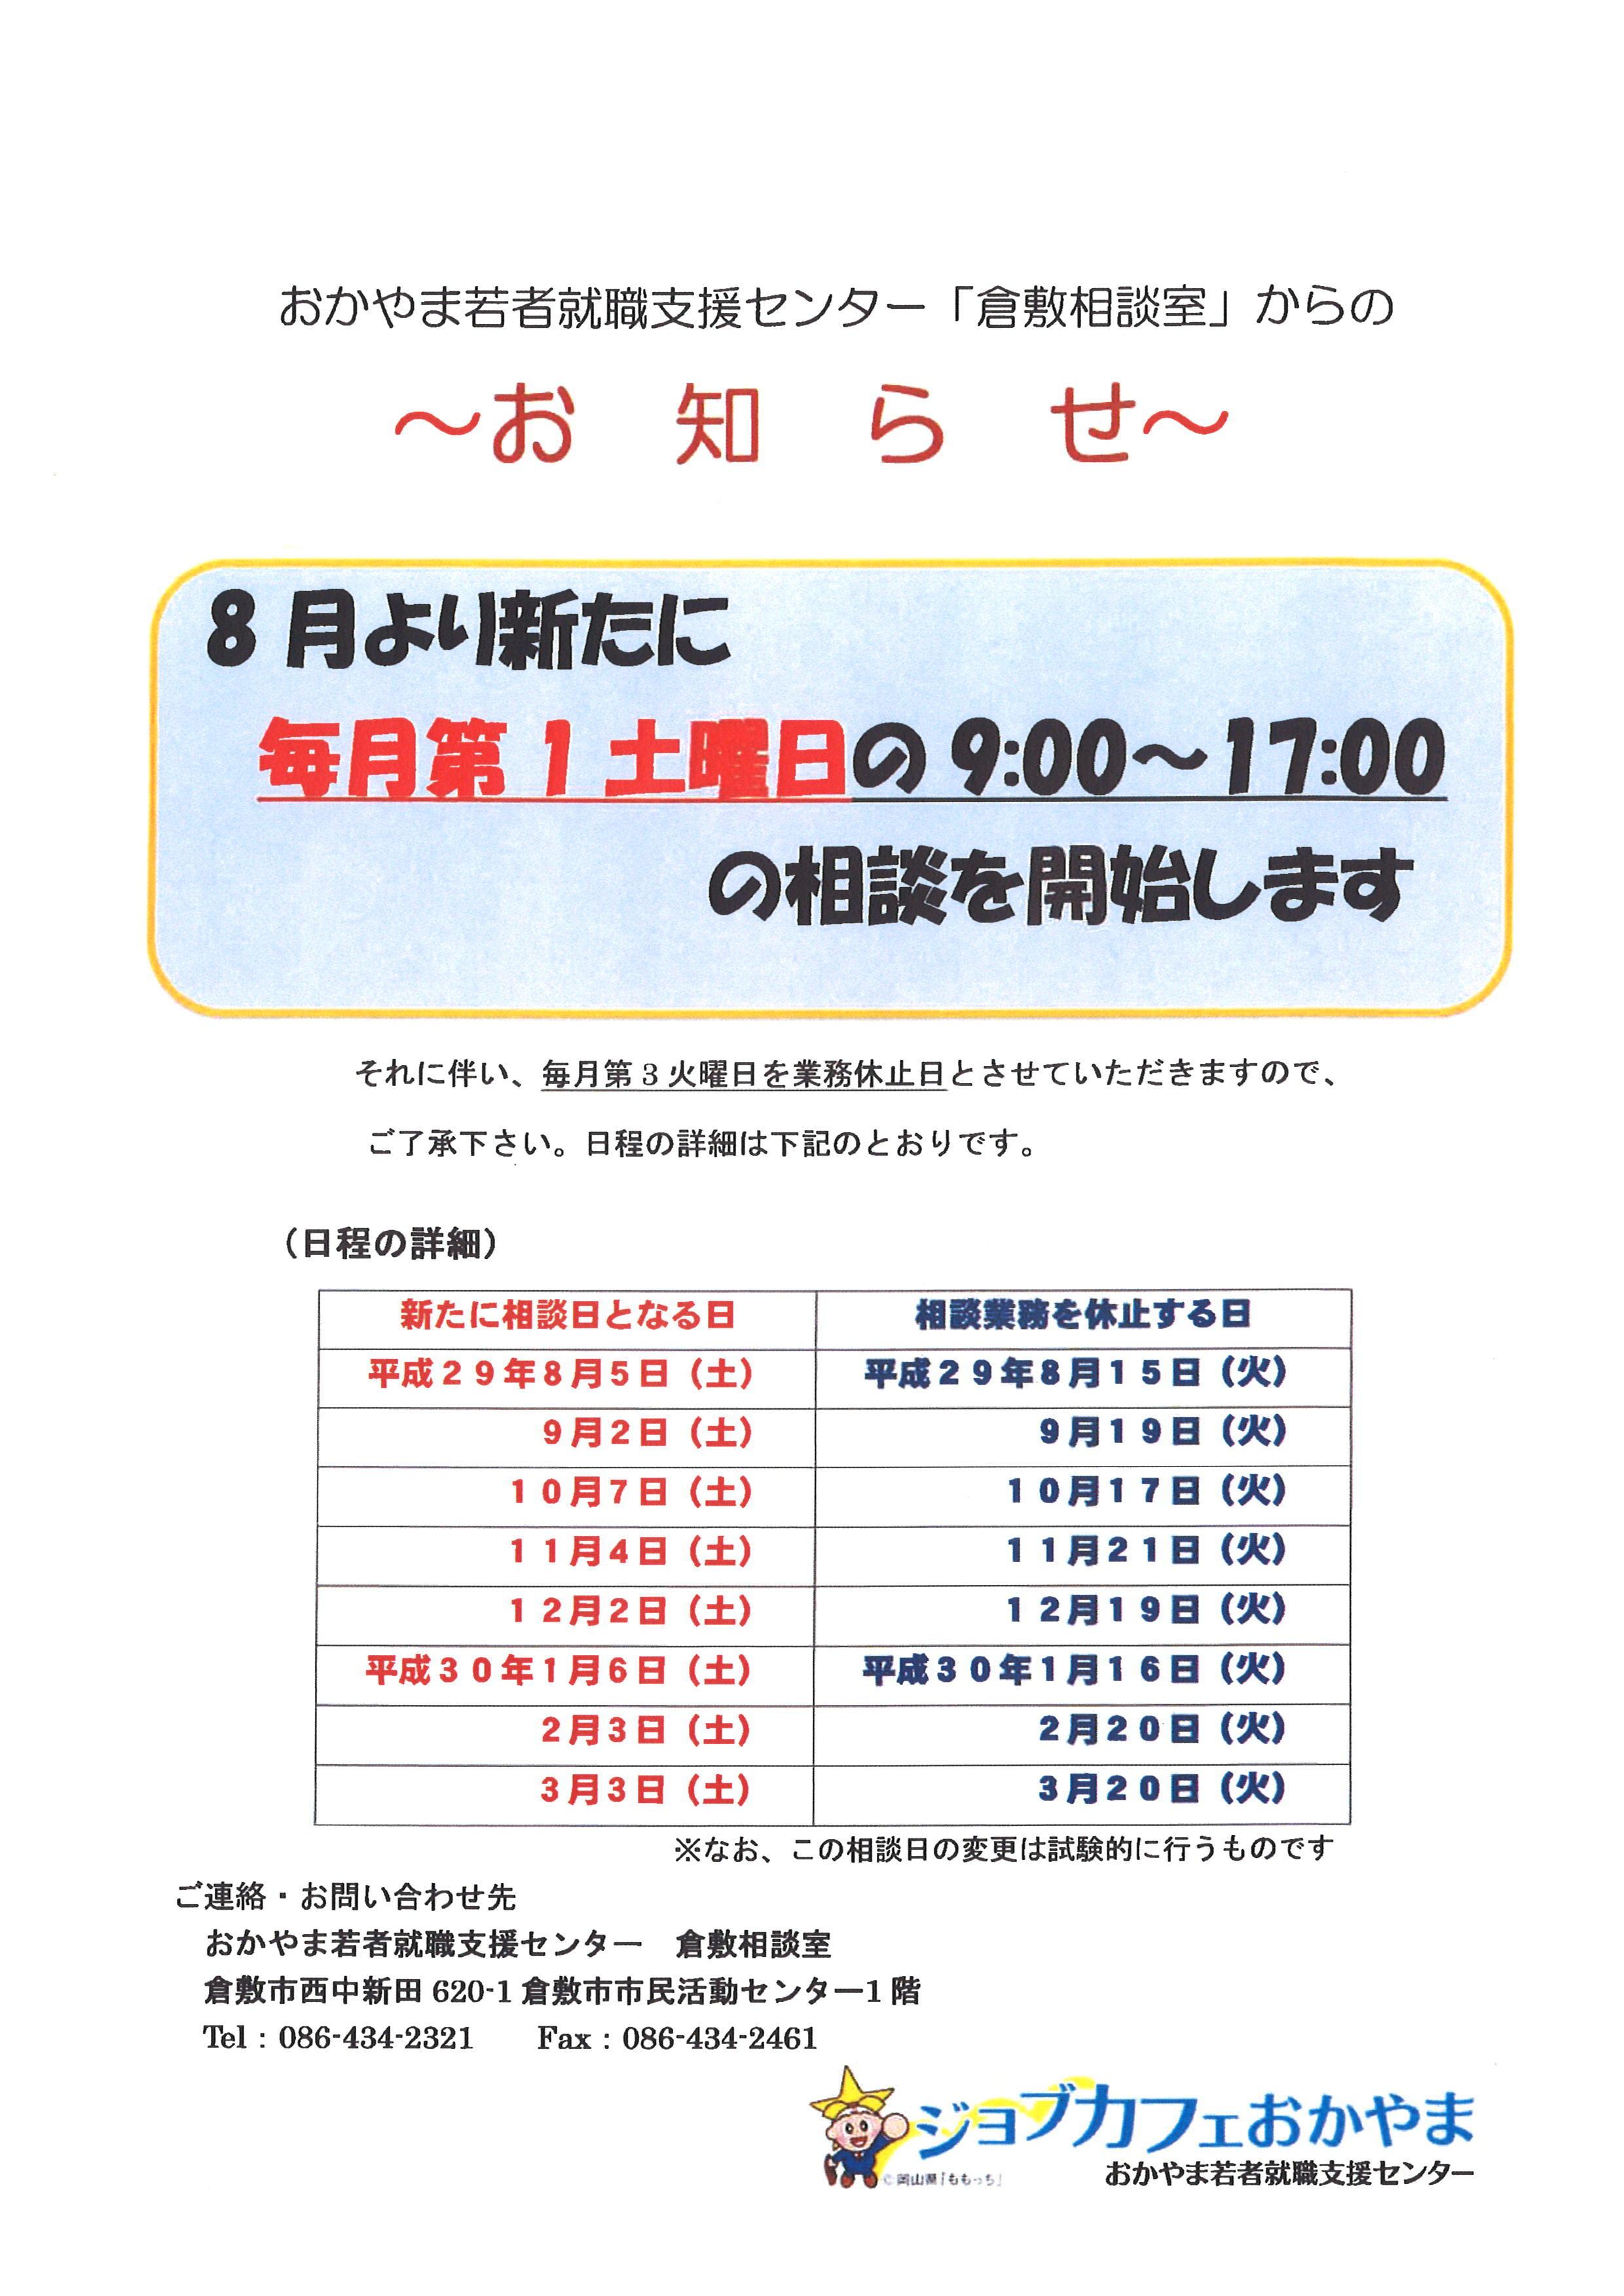 「倉敷相談室」の業務取扱日の一部変更